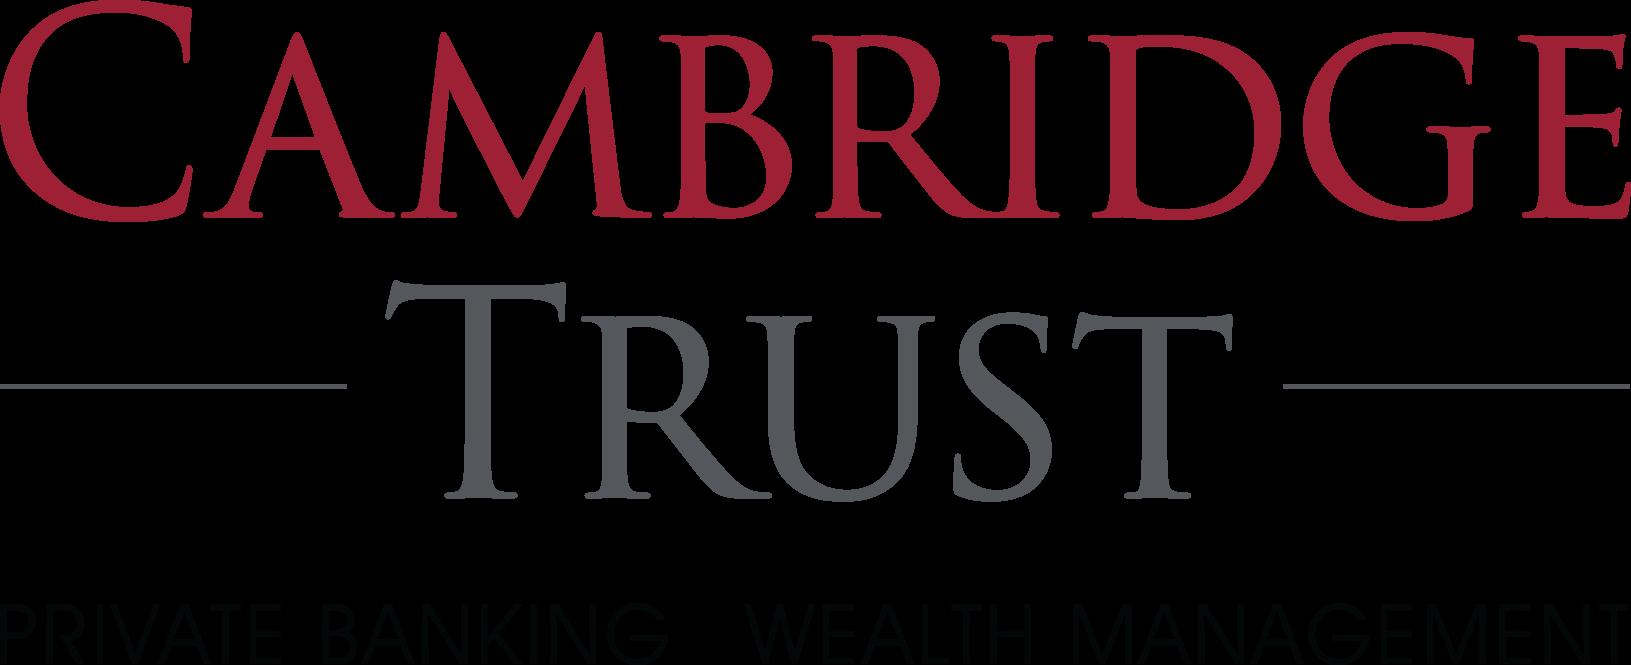 Cambridge Trust Logo 2018 jpg